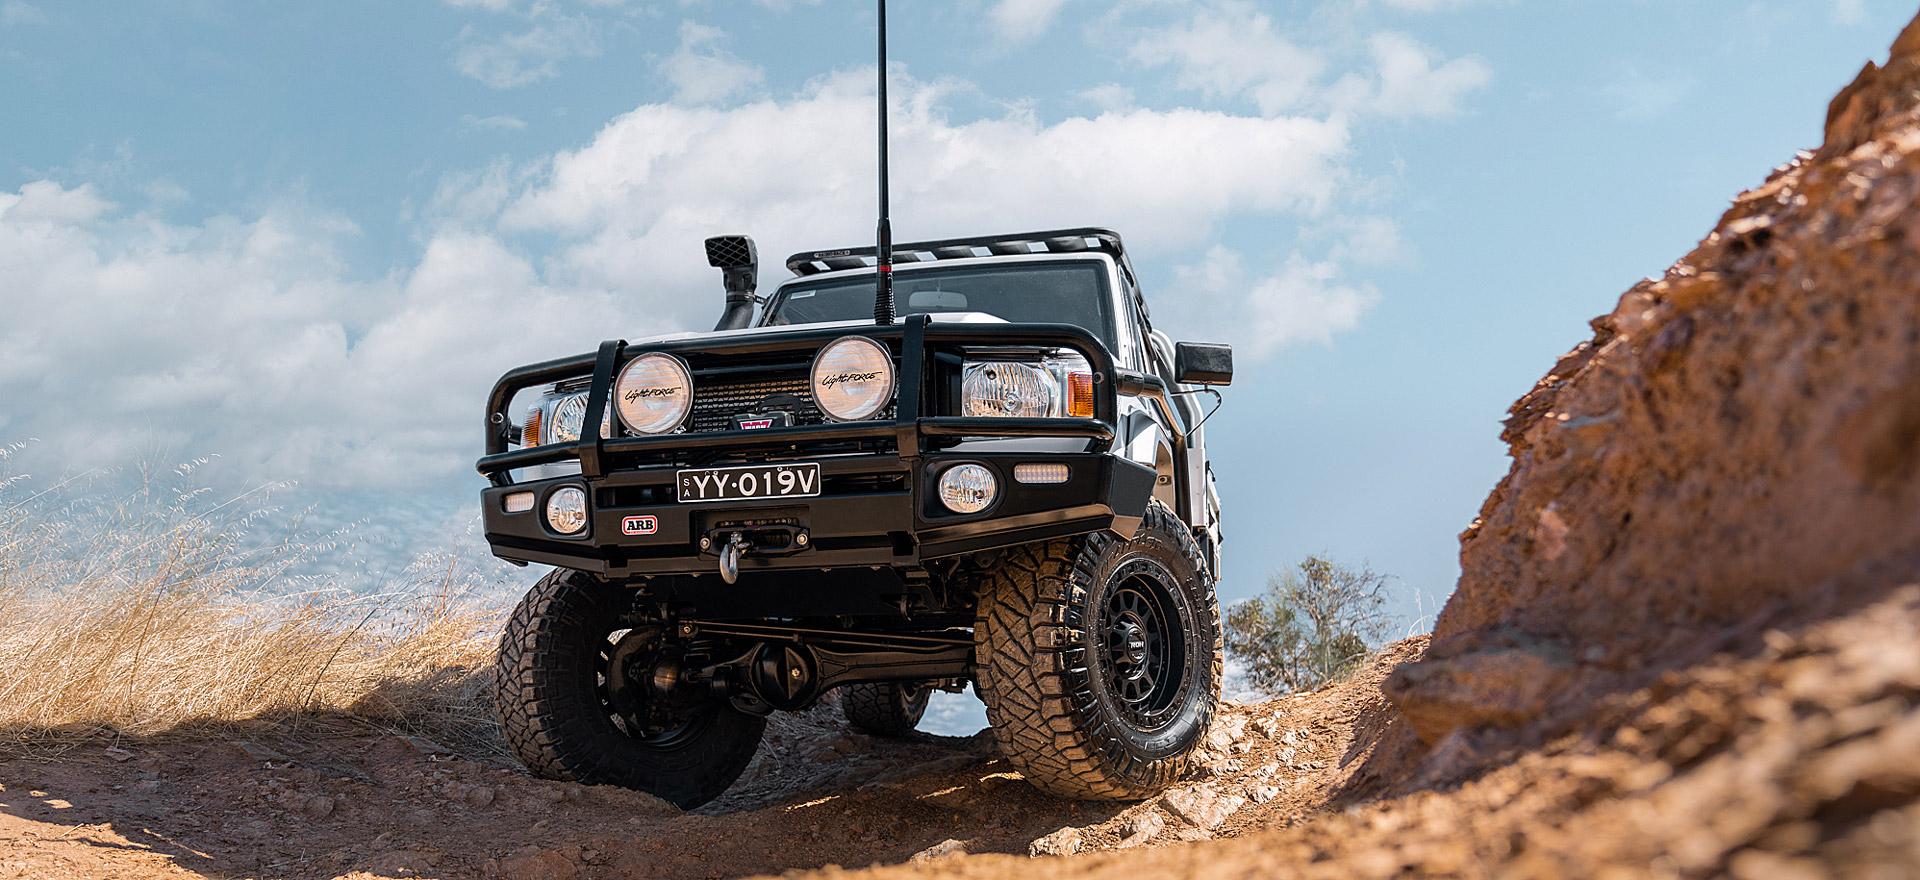 Assault wheels 79 Series LandCruiser rocky ridge